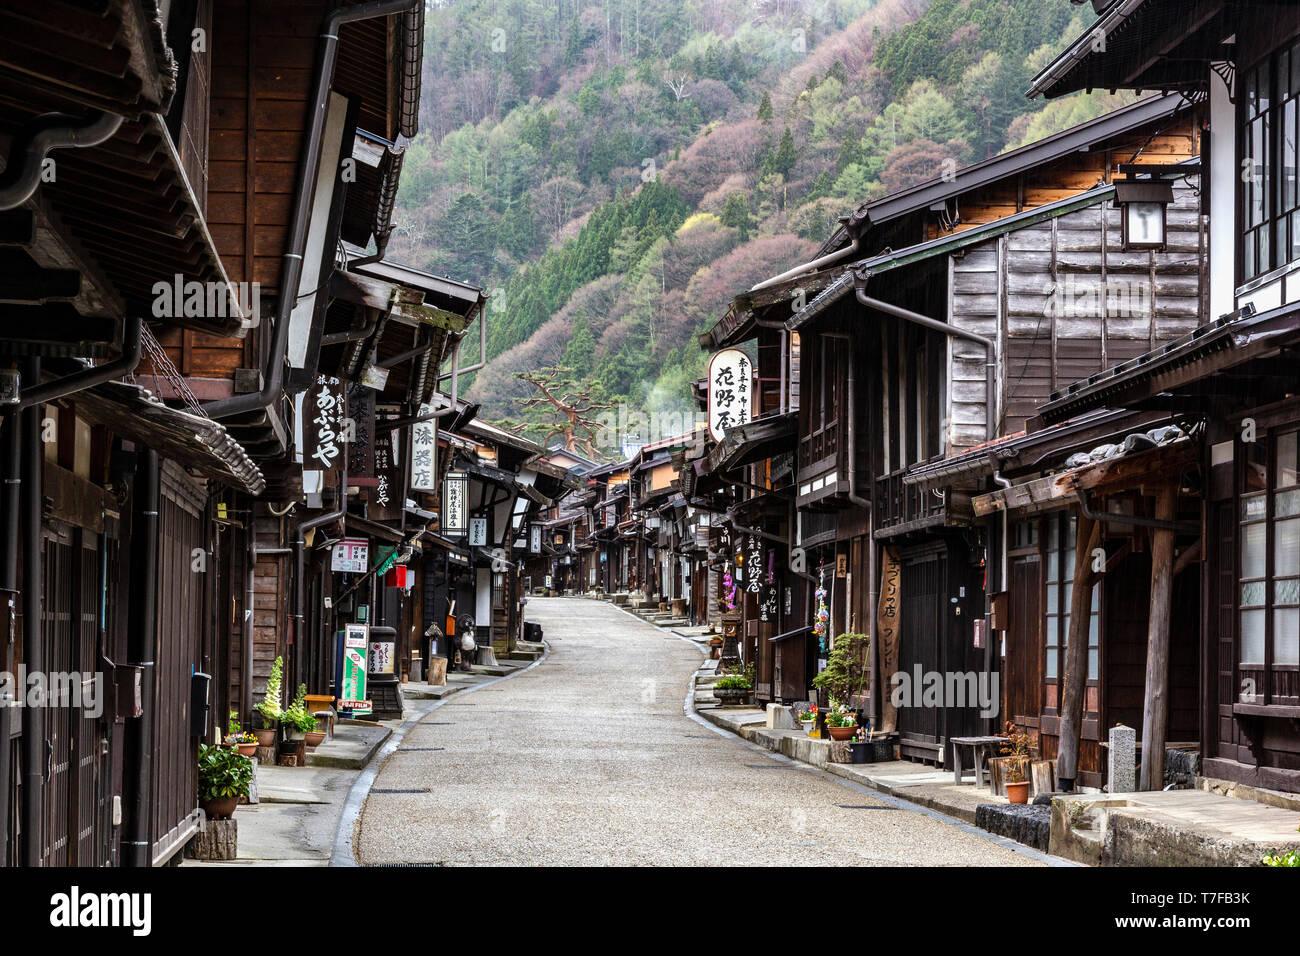 Nakasendo à Narai Juku - les autoroutes Gokaido ont été établis par le shogunat Tokugawa comme deux routes pour seigneurs féodaux daimyo et leur retaine Photo Stock